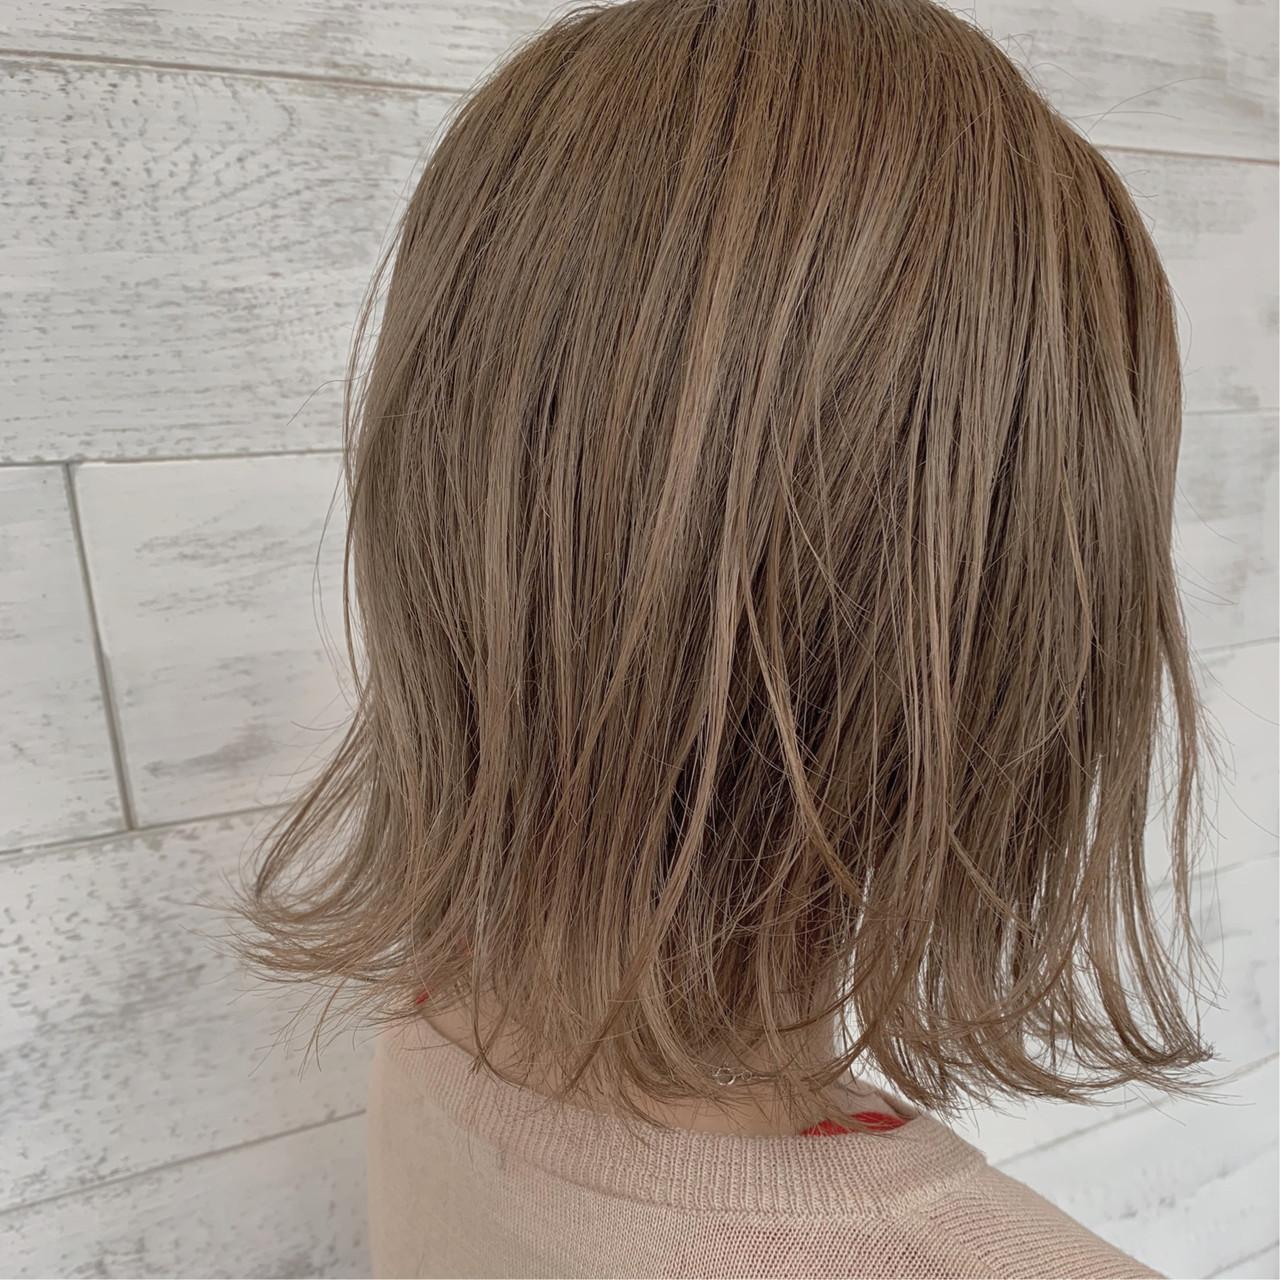 デート アンニュイほつれヘア 簡単ヘアアレンジ アウトドア ヘアスタイルや髪型の写真・画像 | 信澤貴一【愛され大人可愛いヘア美容師】 / joemi by un ami